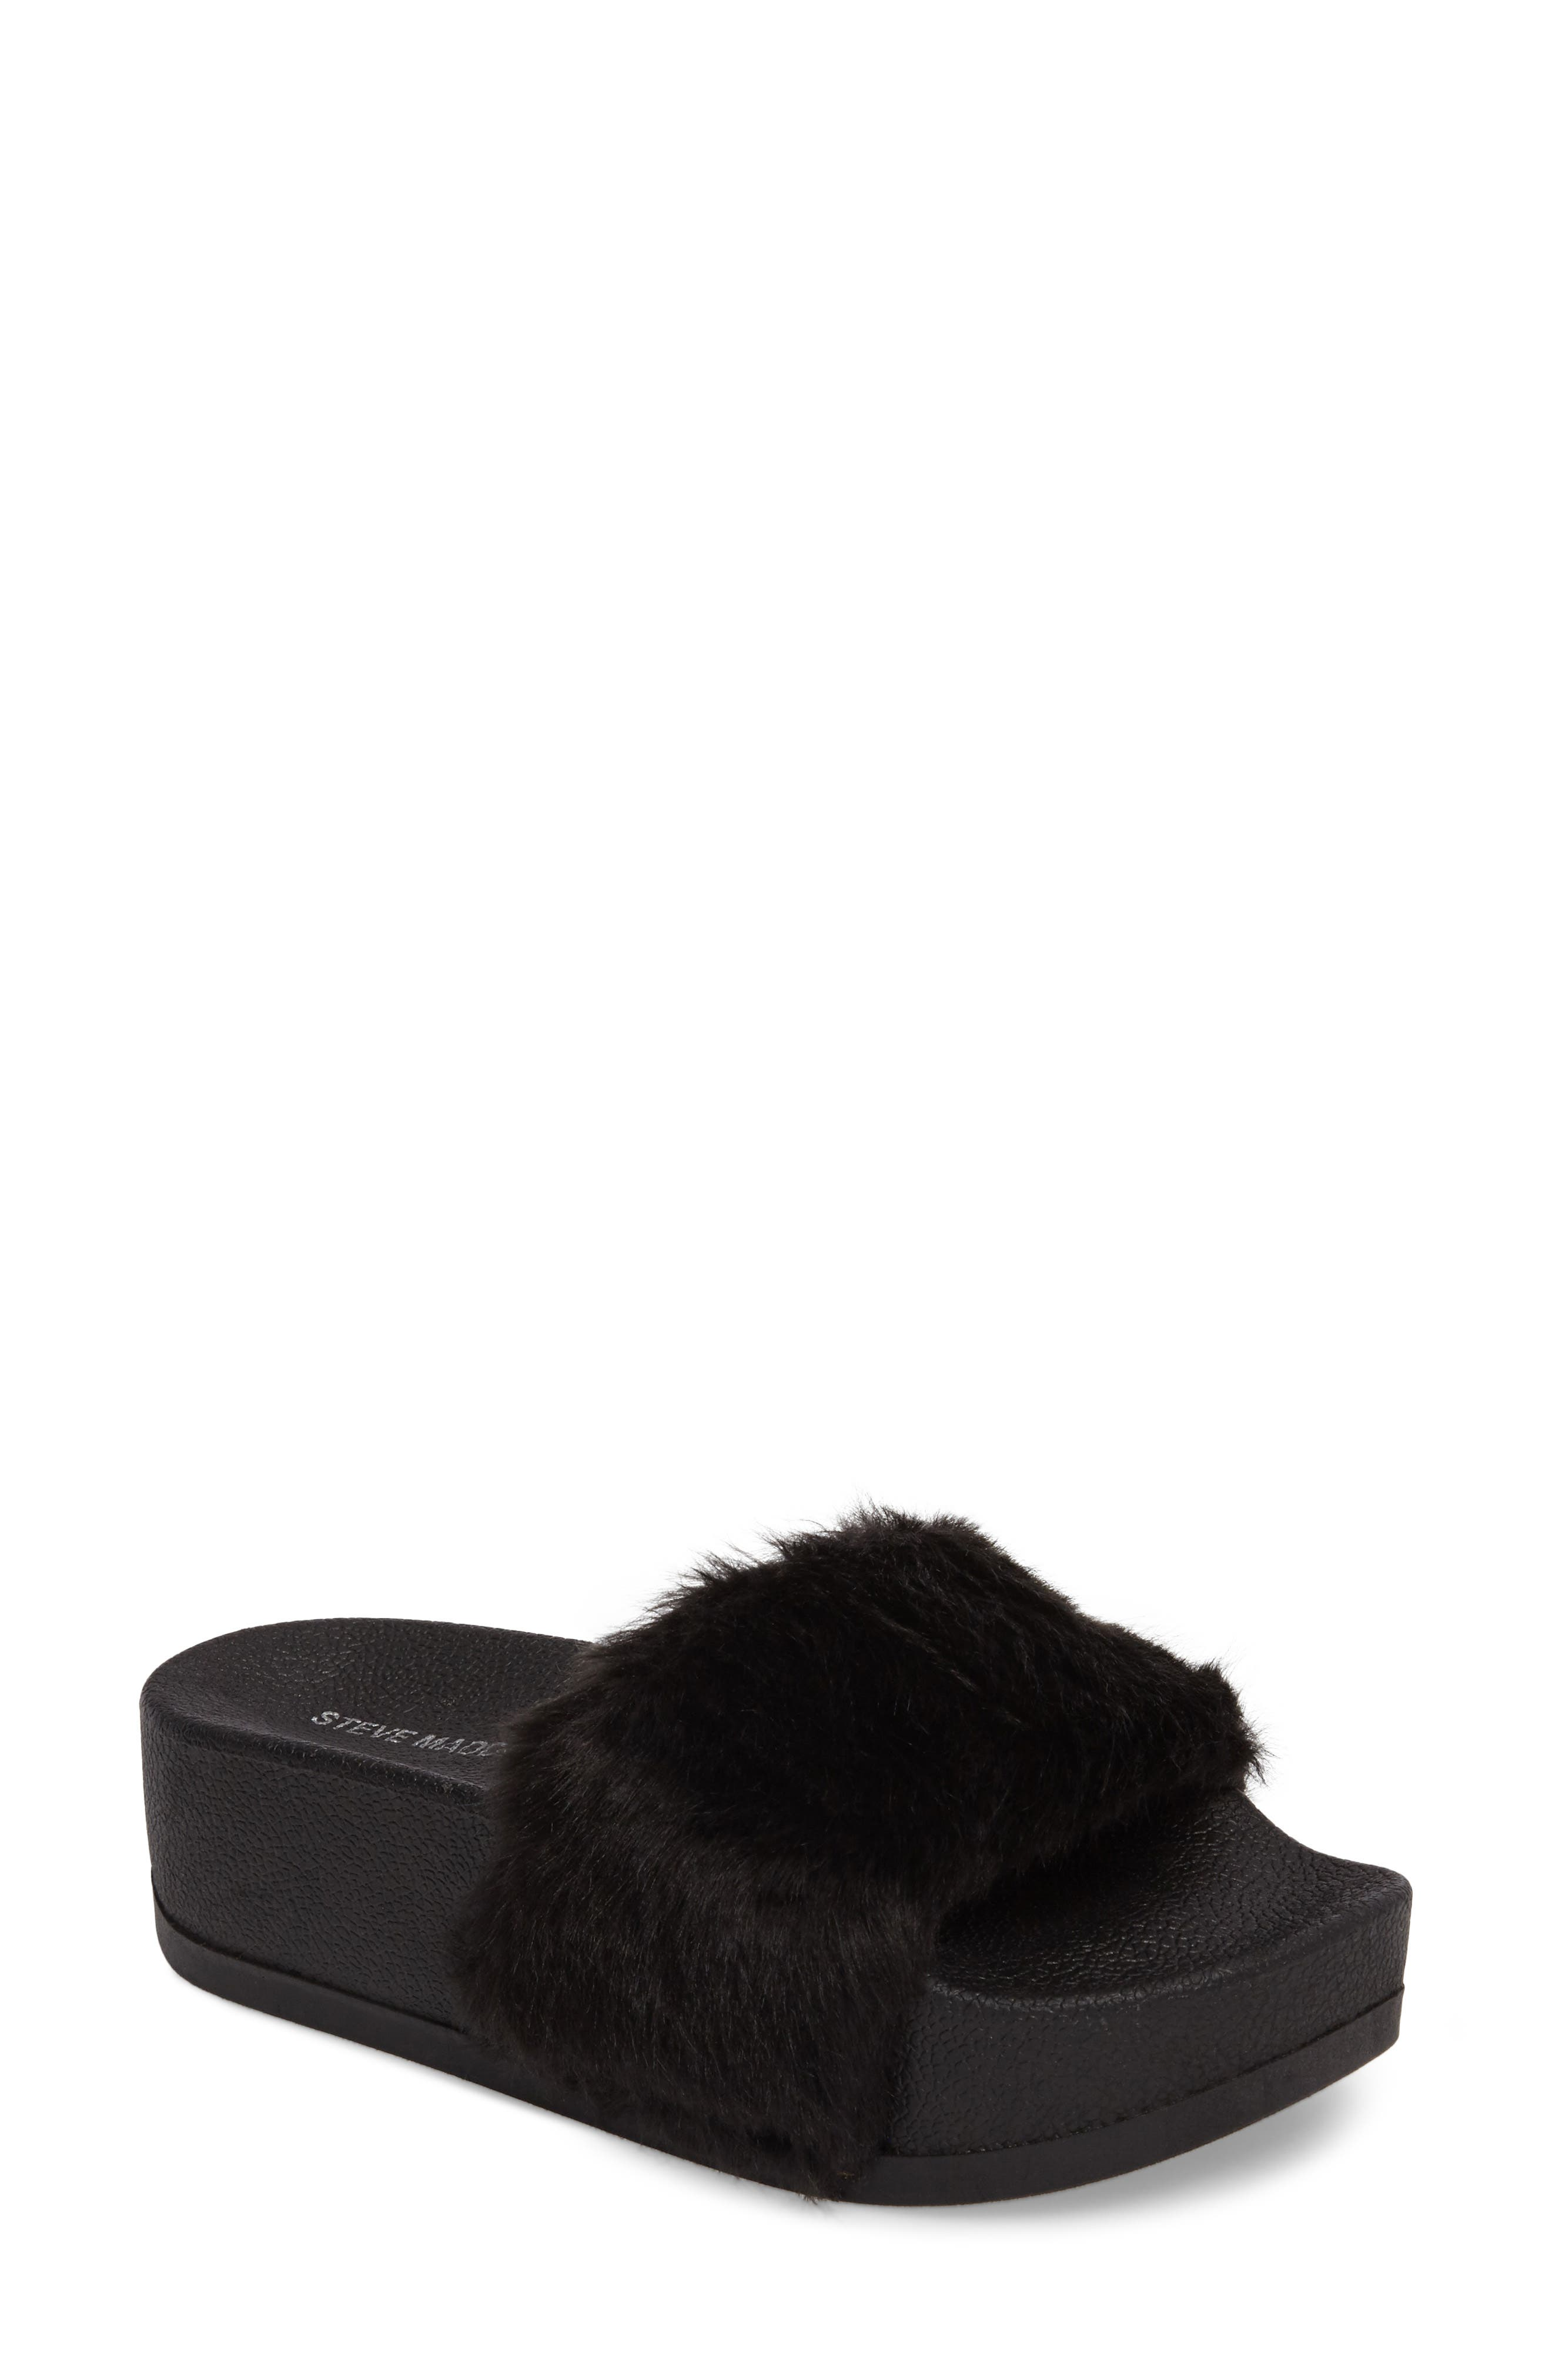 STEVE MADDEN Softey Faux Fur Platform Slide, Main, color, 001